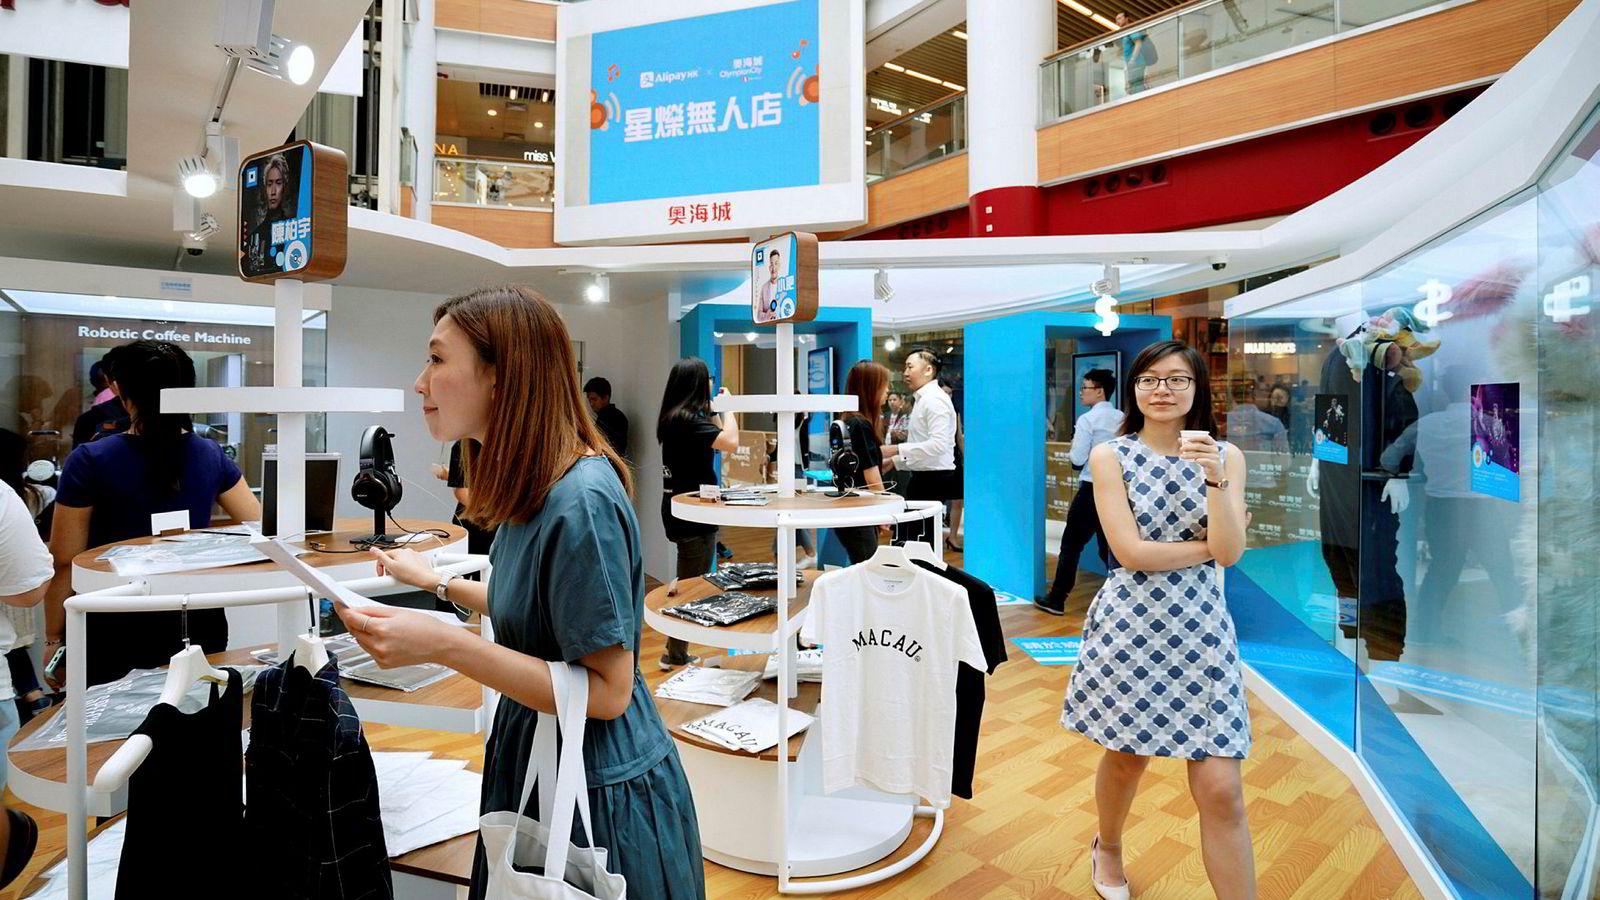 Vipps har startet et samarbeid med kinesiske Alipay, som eies av netthandel-giganten Alibaba. Her fra en Alibaba selvbetjeningsbutikk i Hong Kong, Kina, hvor kundene må bruke Alipay som betalingsmåte.